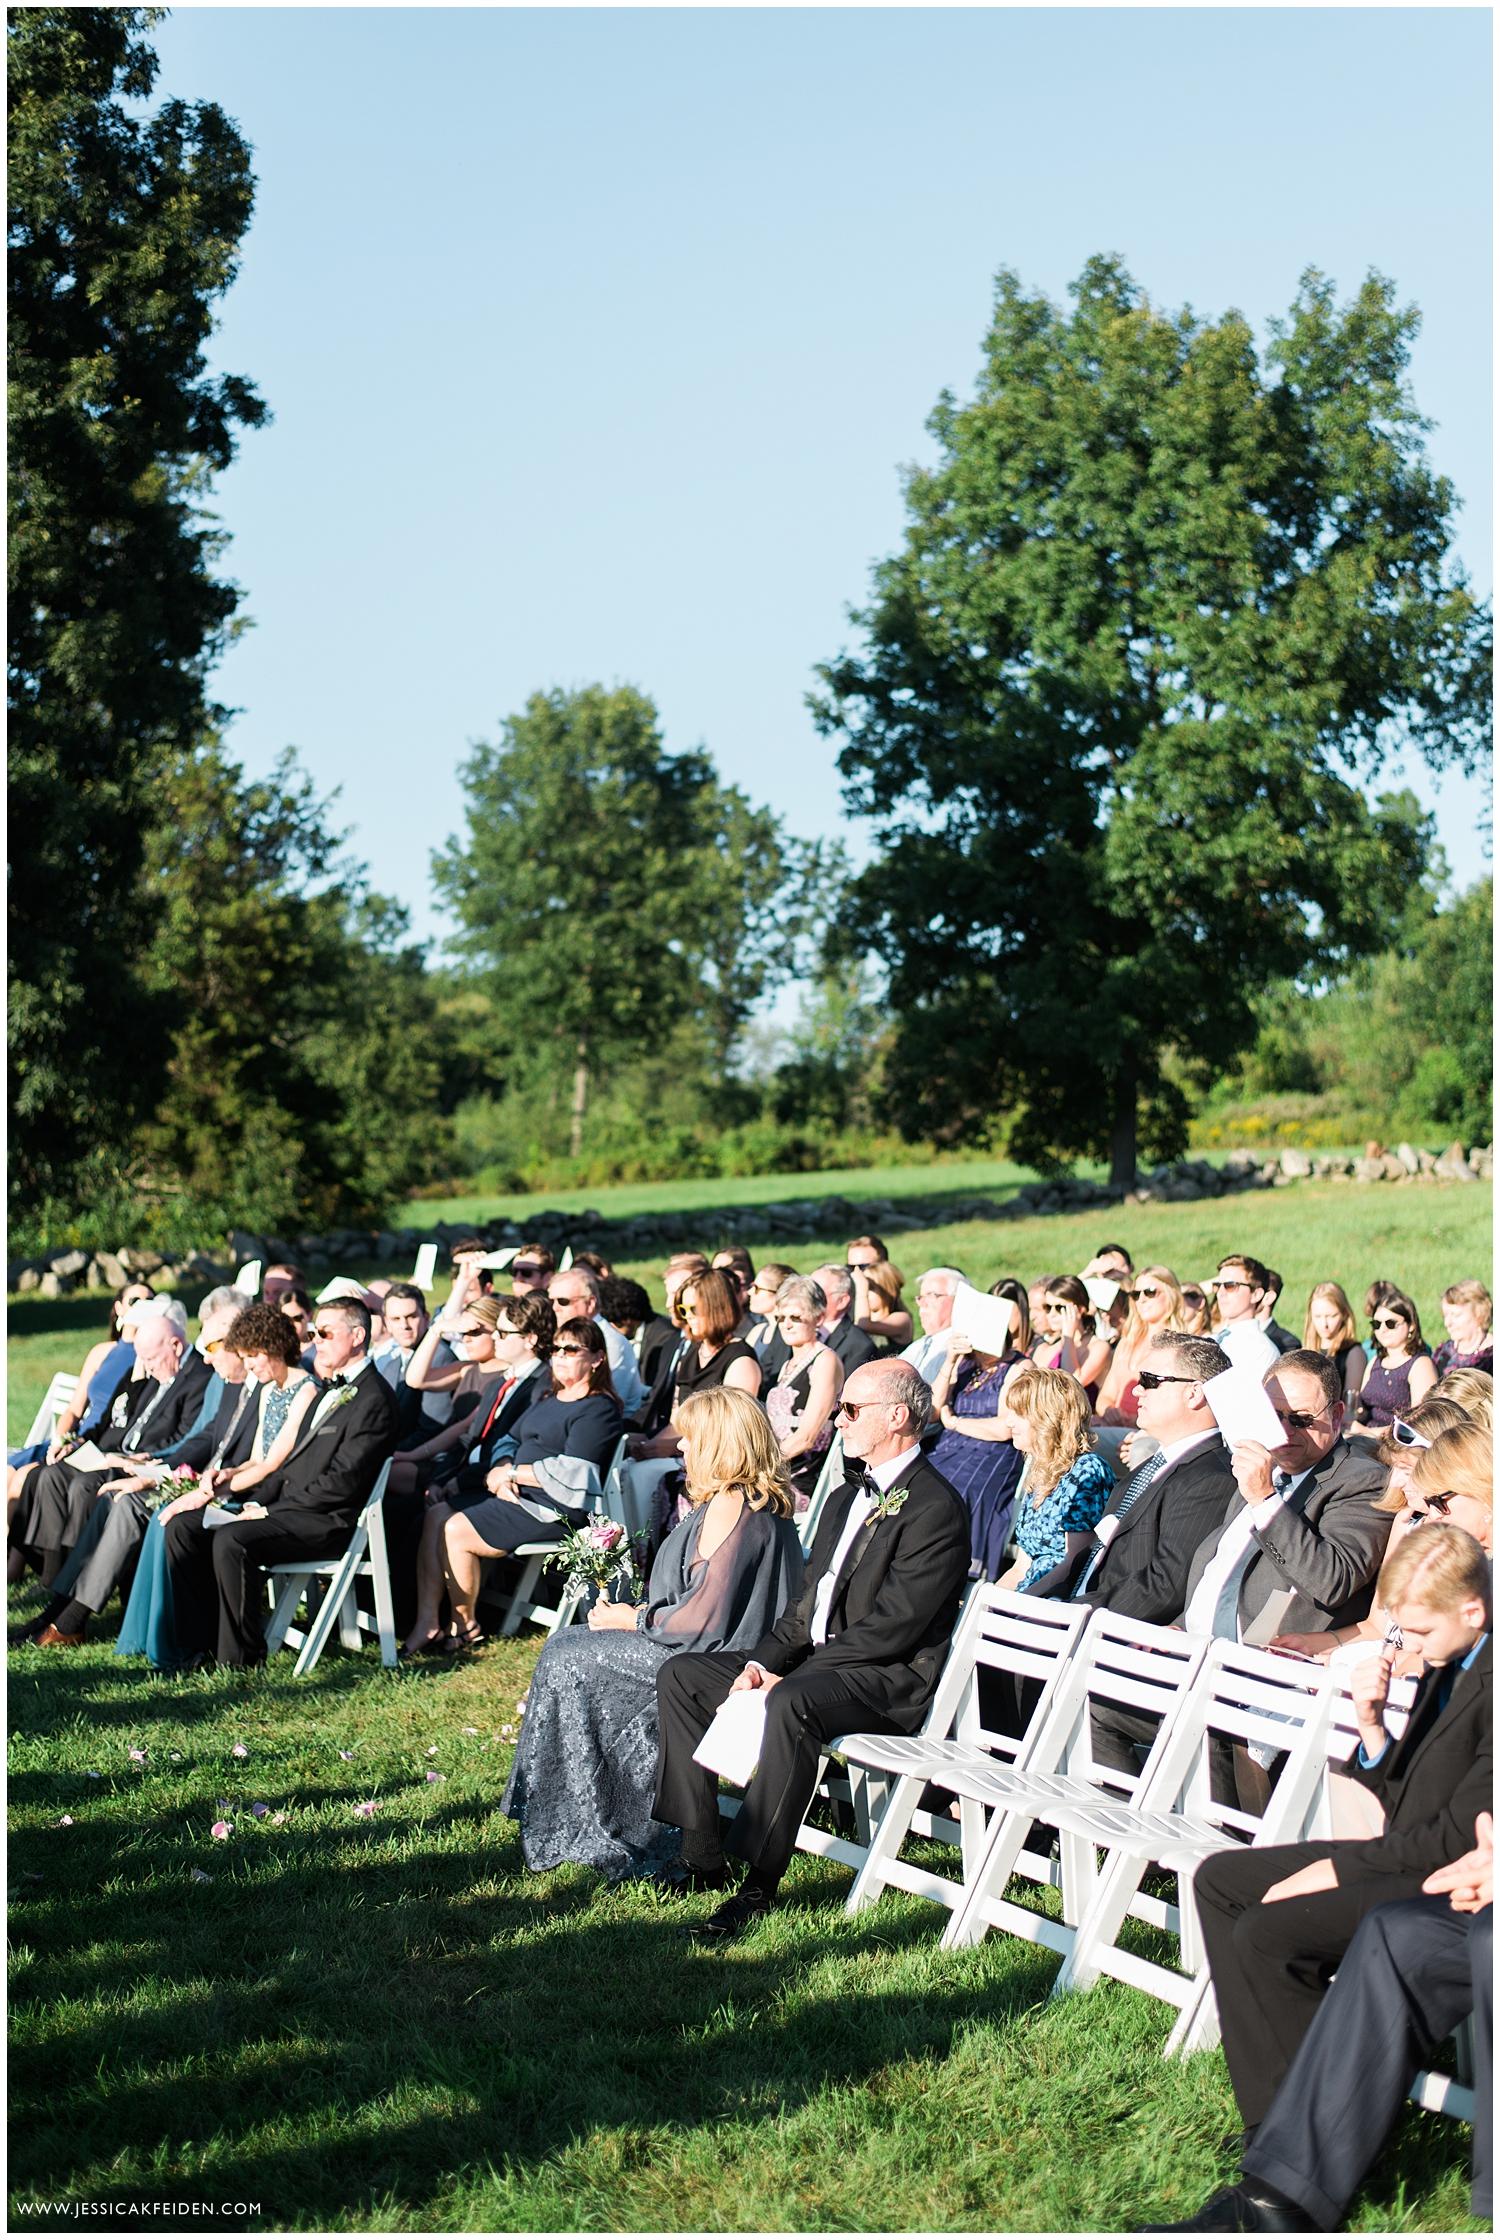 Jessica K Feiden Photography_The Fruitlands Museum Wedding_0042.jpg